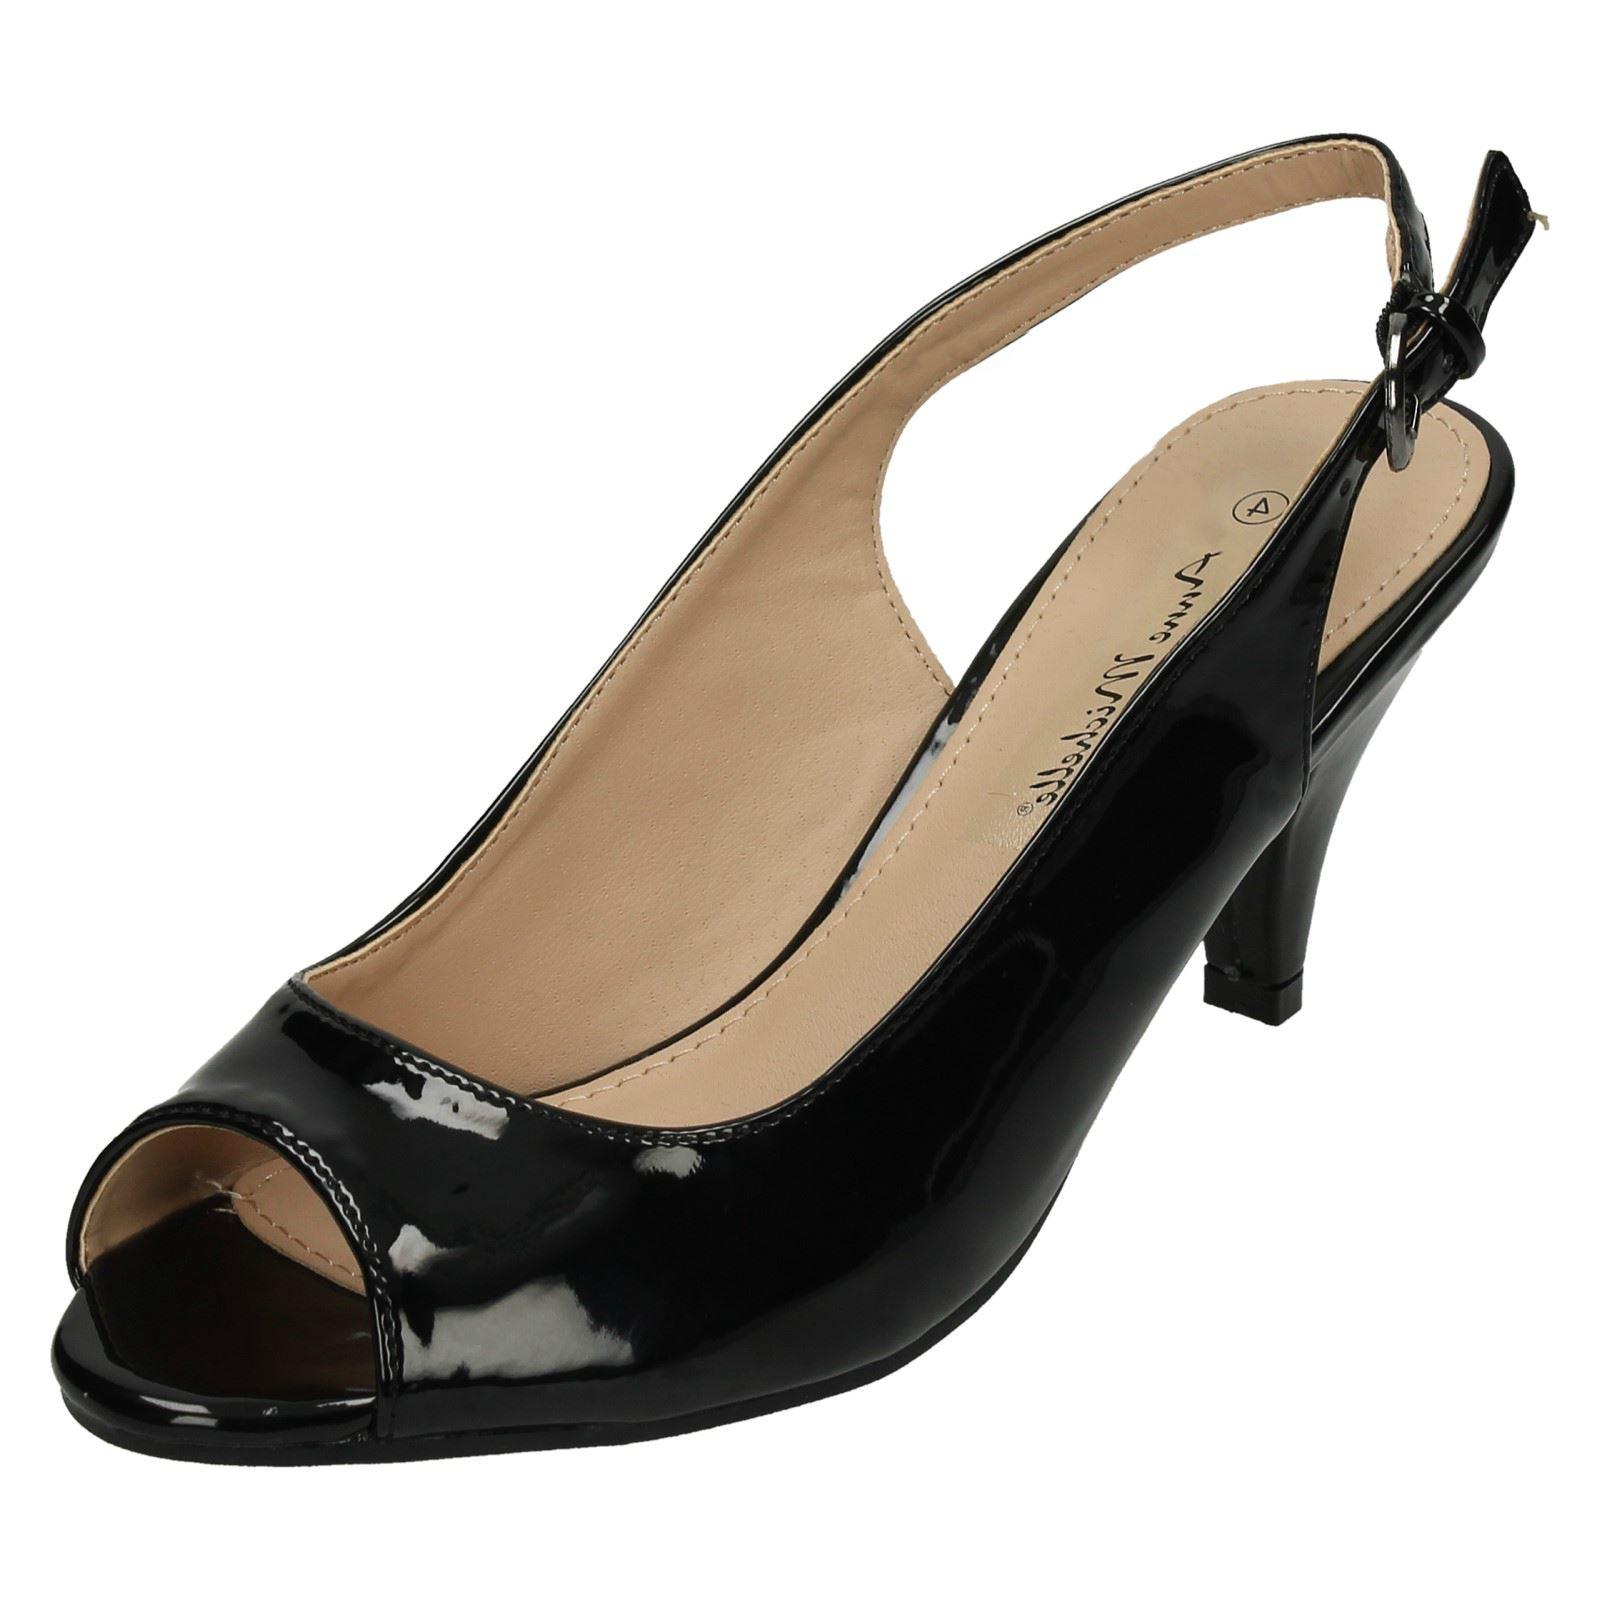 Ladies Anne Michelle Mid Heel Peep Toe Sling Back Sandals F10592